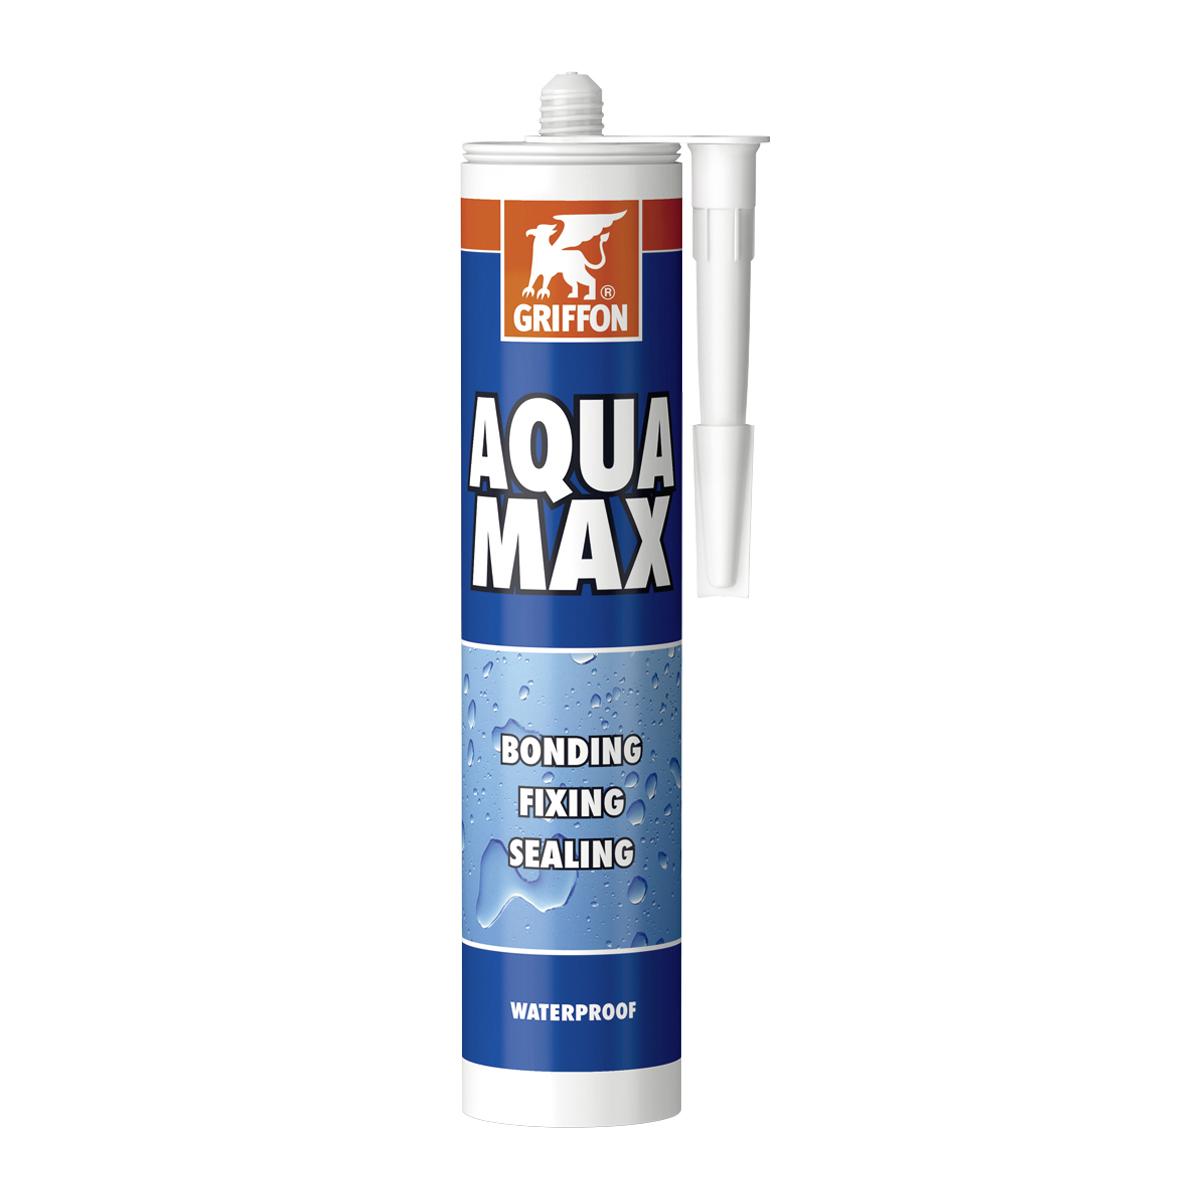 Aqua Max, wasserfester, lösungsmittelfreier Montageklebstoff und Dichtungskitt auf SMP-Polymer-Grundlage, 425 g, weiss Aqua Max, wasserfester, lösungsmittelfreier Montageklebstoff und Dichtungskitt auf SMP-Polymer-Grundlage, 425 g, weiss